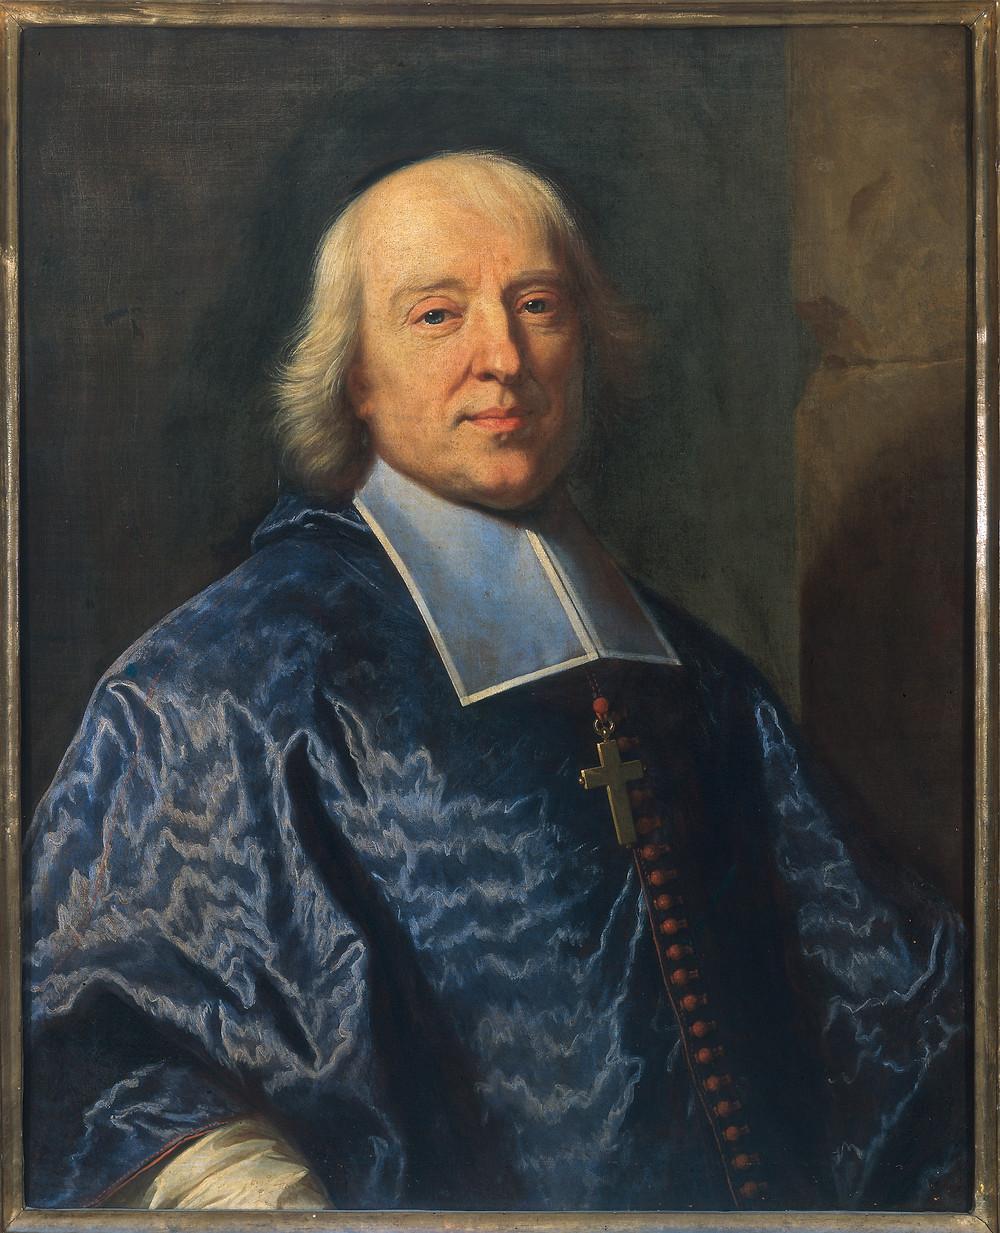 Hyacinthe Rigaud, Portrait de Jacques Bénigne Bossuet, évêque de Meaux, 1698, Florence, musée des Offices, inv. 1890 n° 995